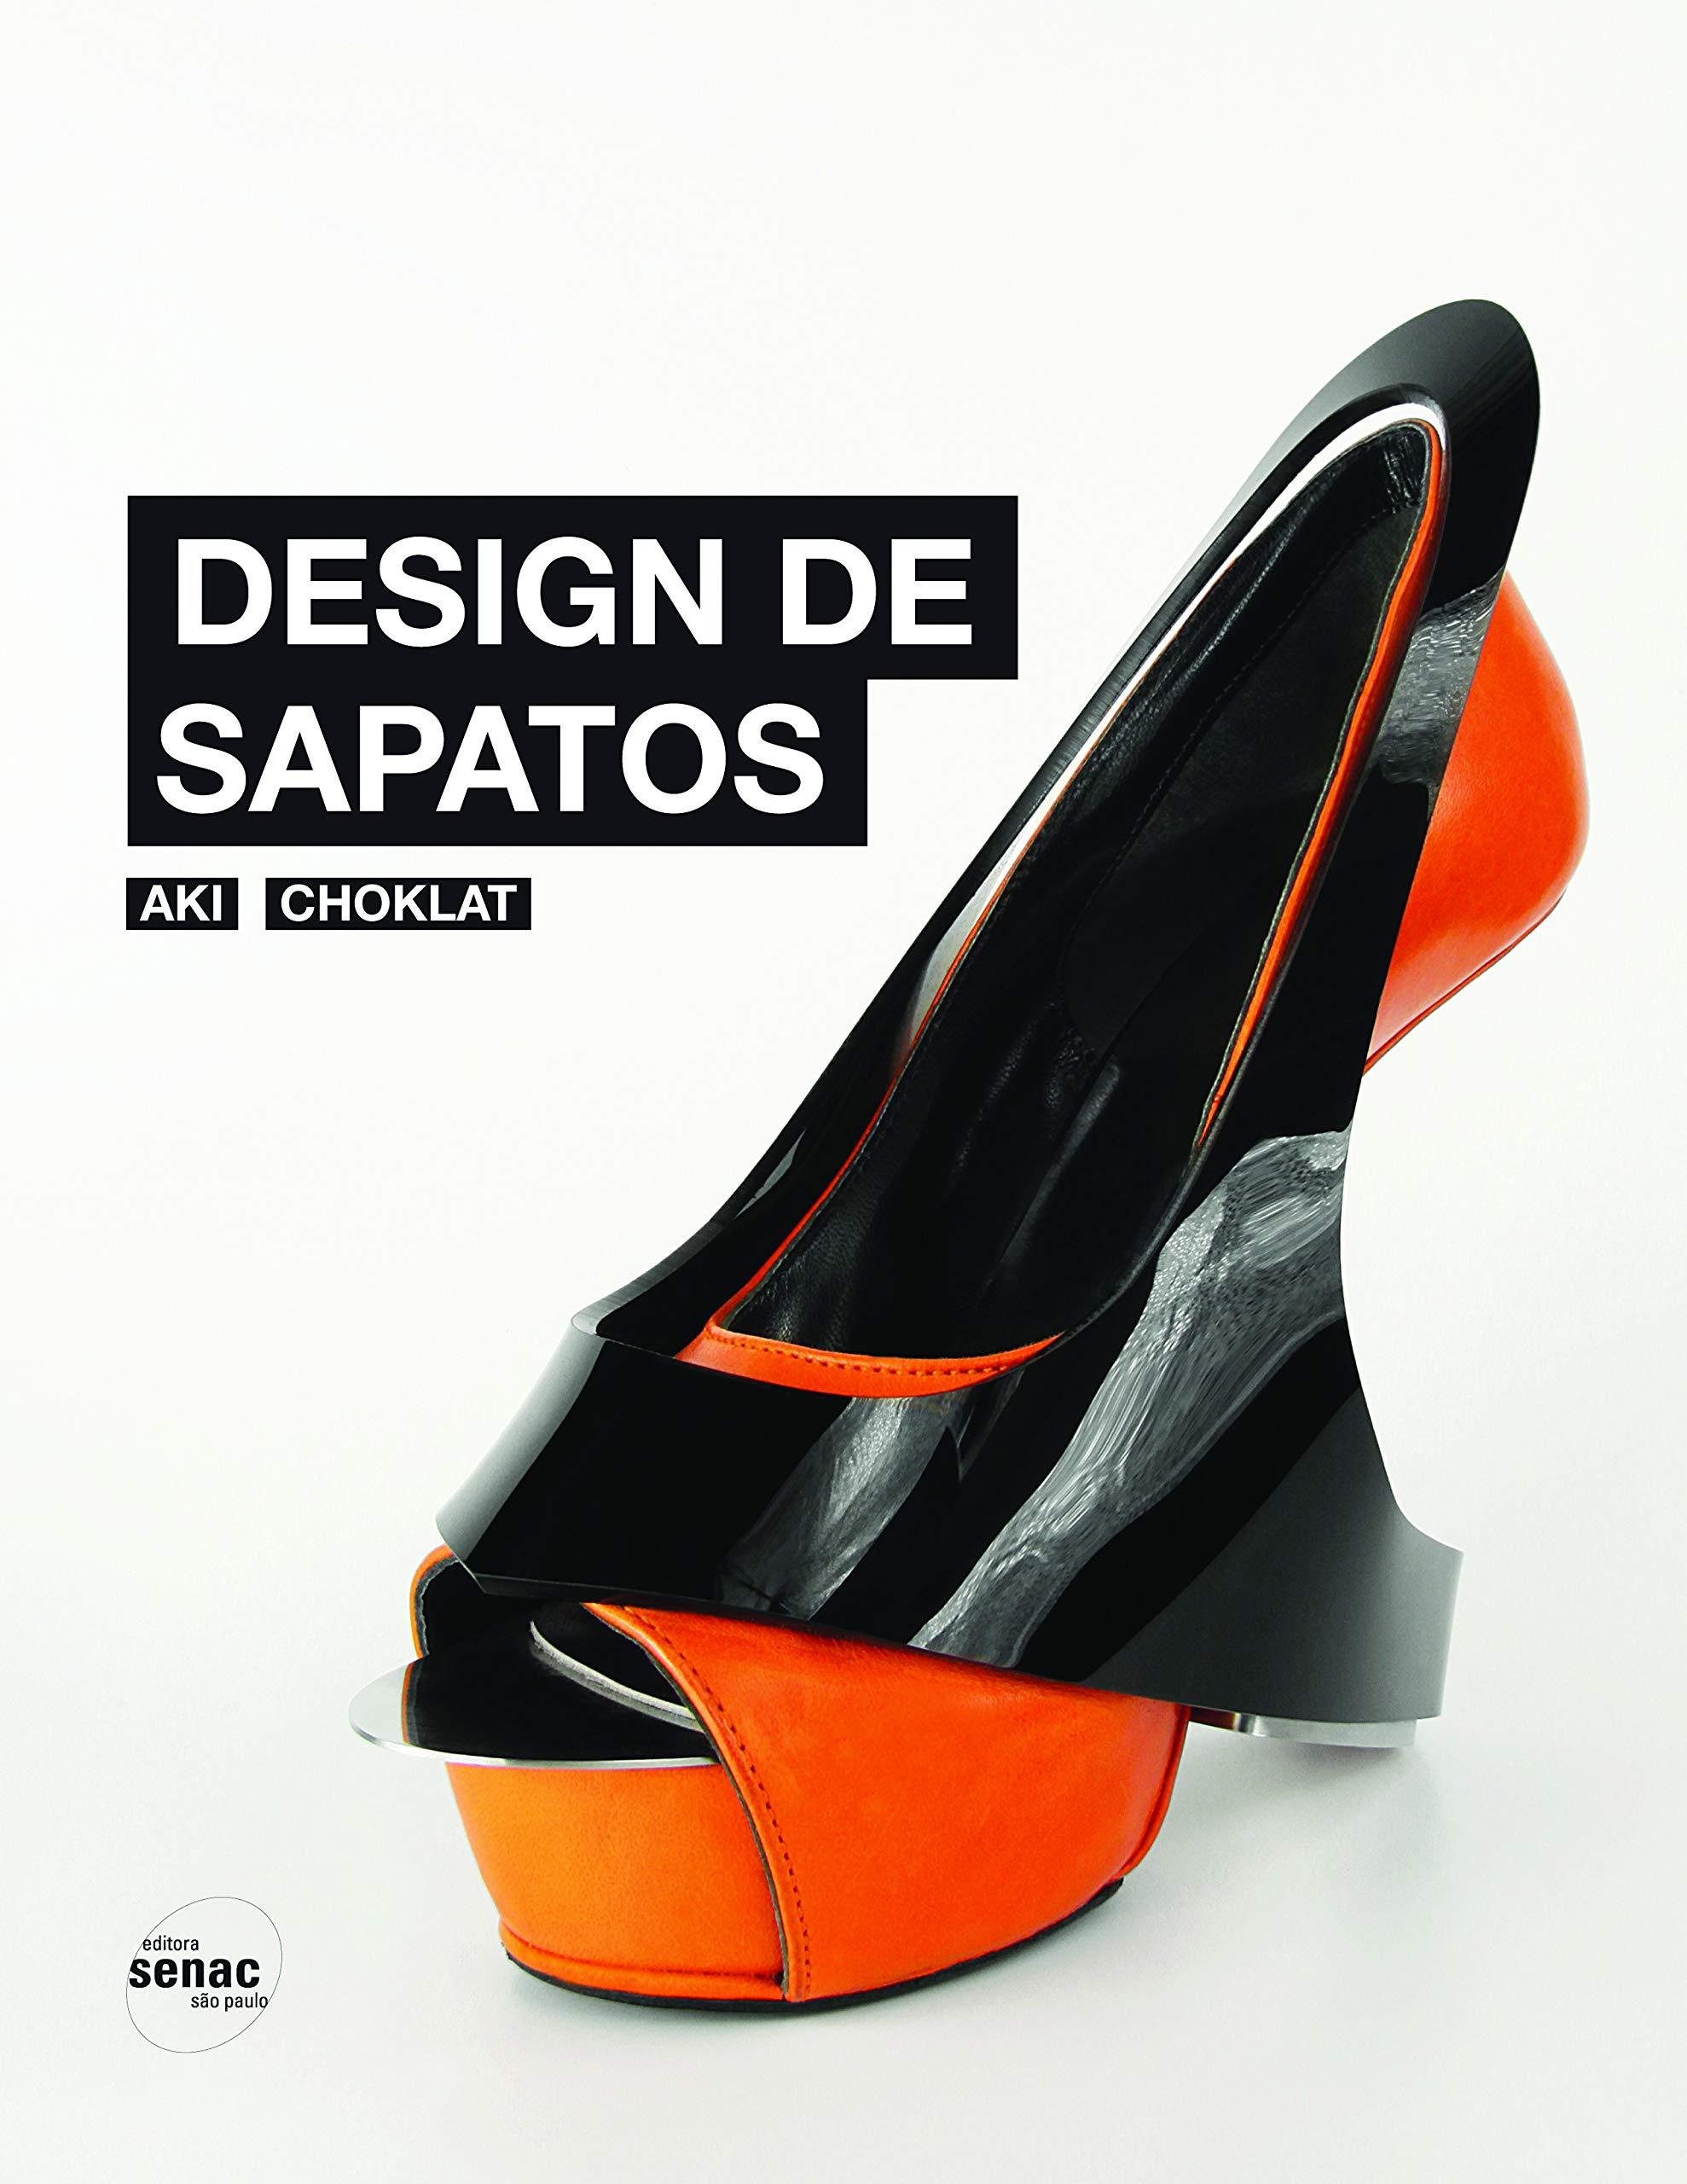 dfd1aa44f Design de sapatos - 9788539601486 - Livros na Amazon Brasil